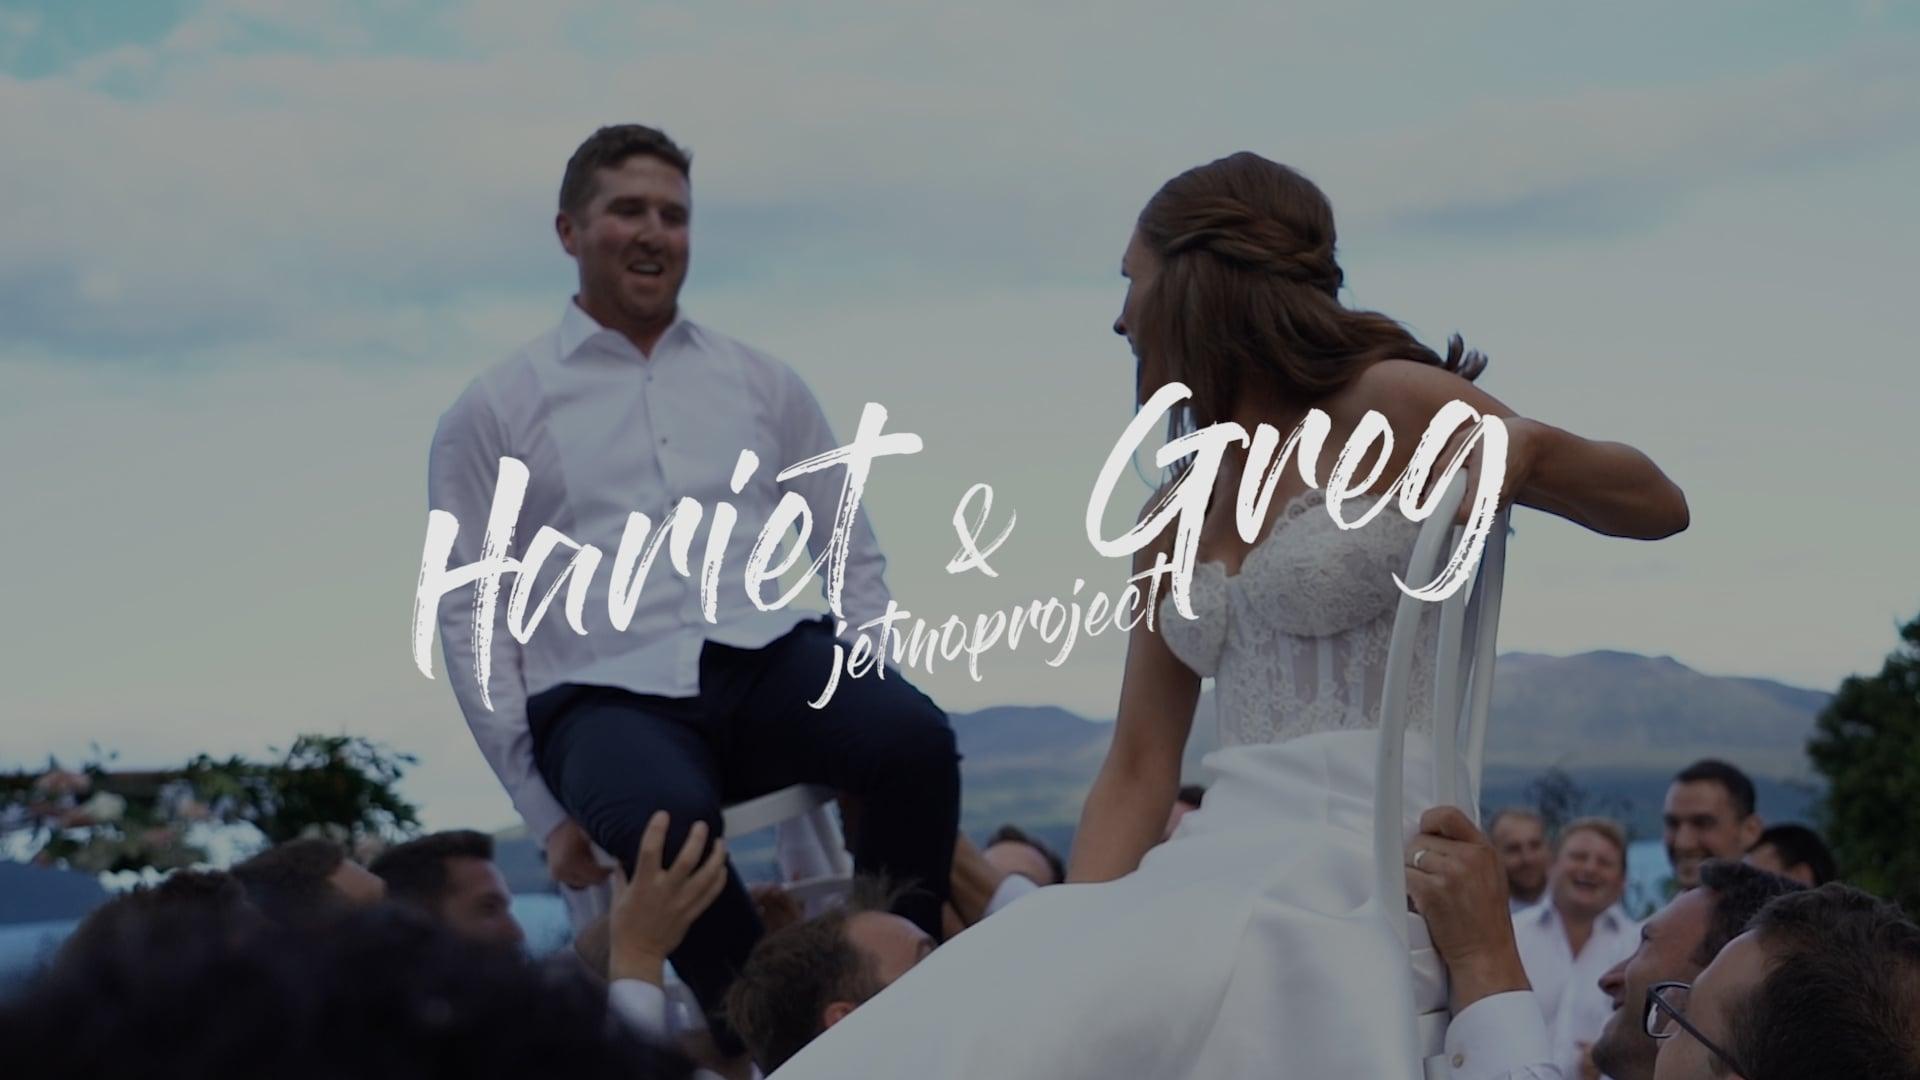 Hariet & Greg